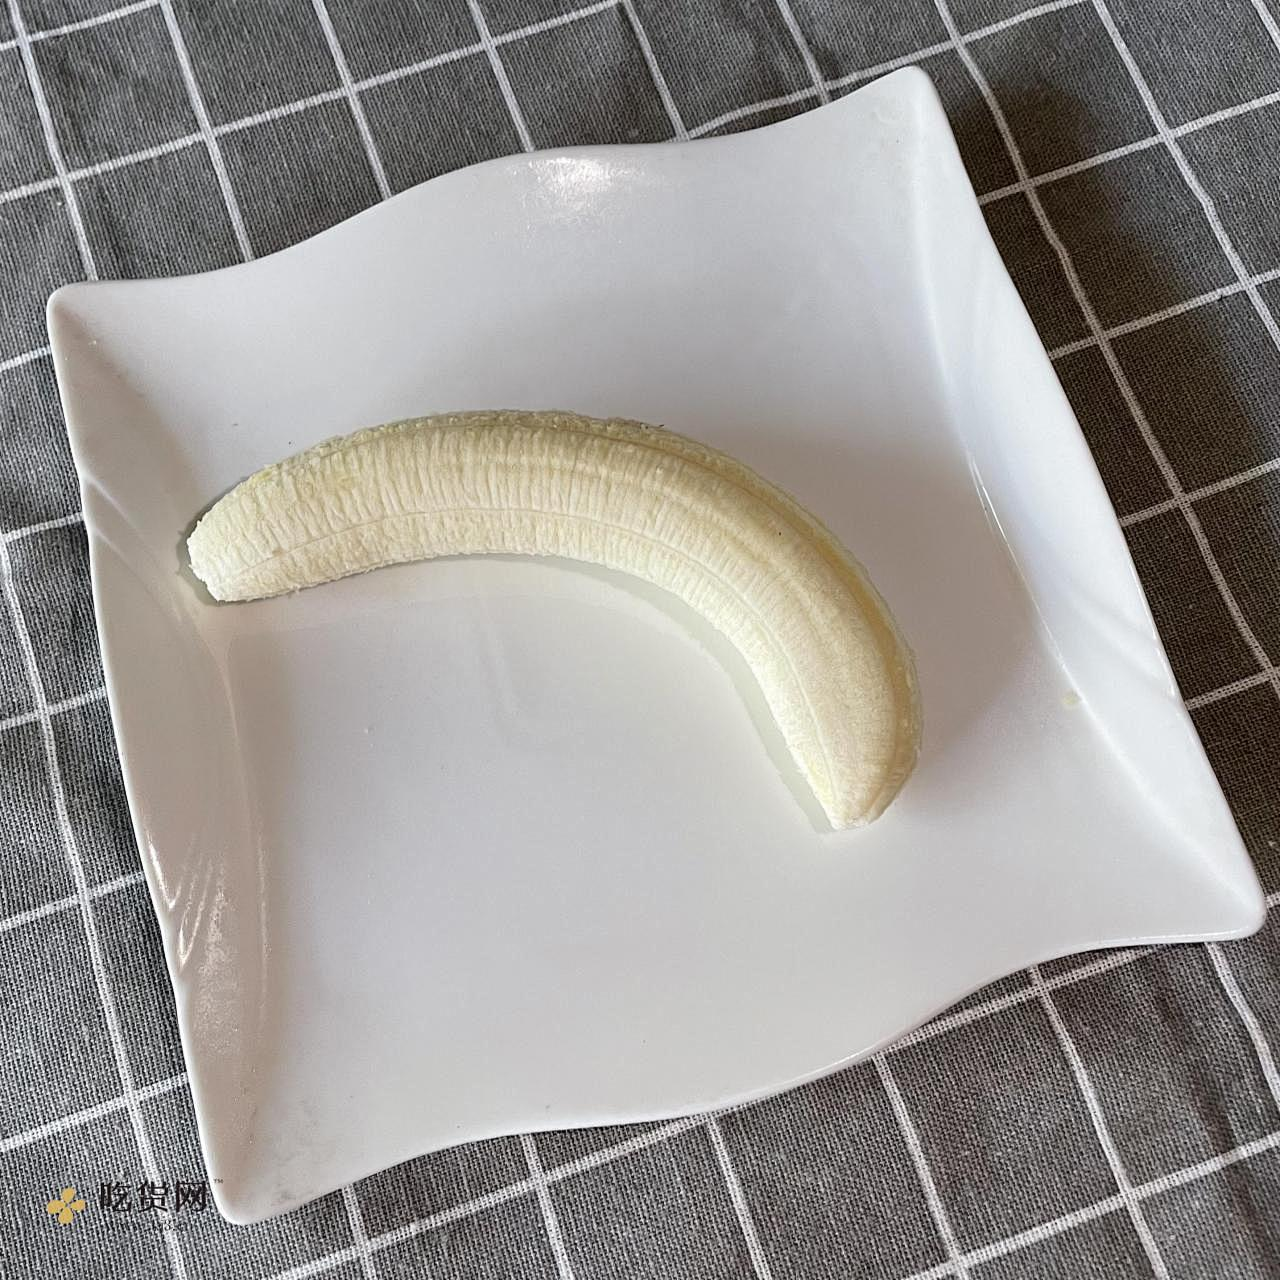 香蕉柠檬蜂蜜水 瘦身的做法 步骤6